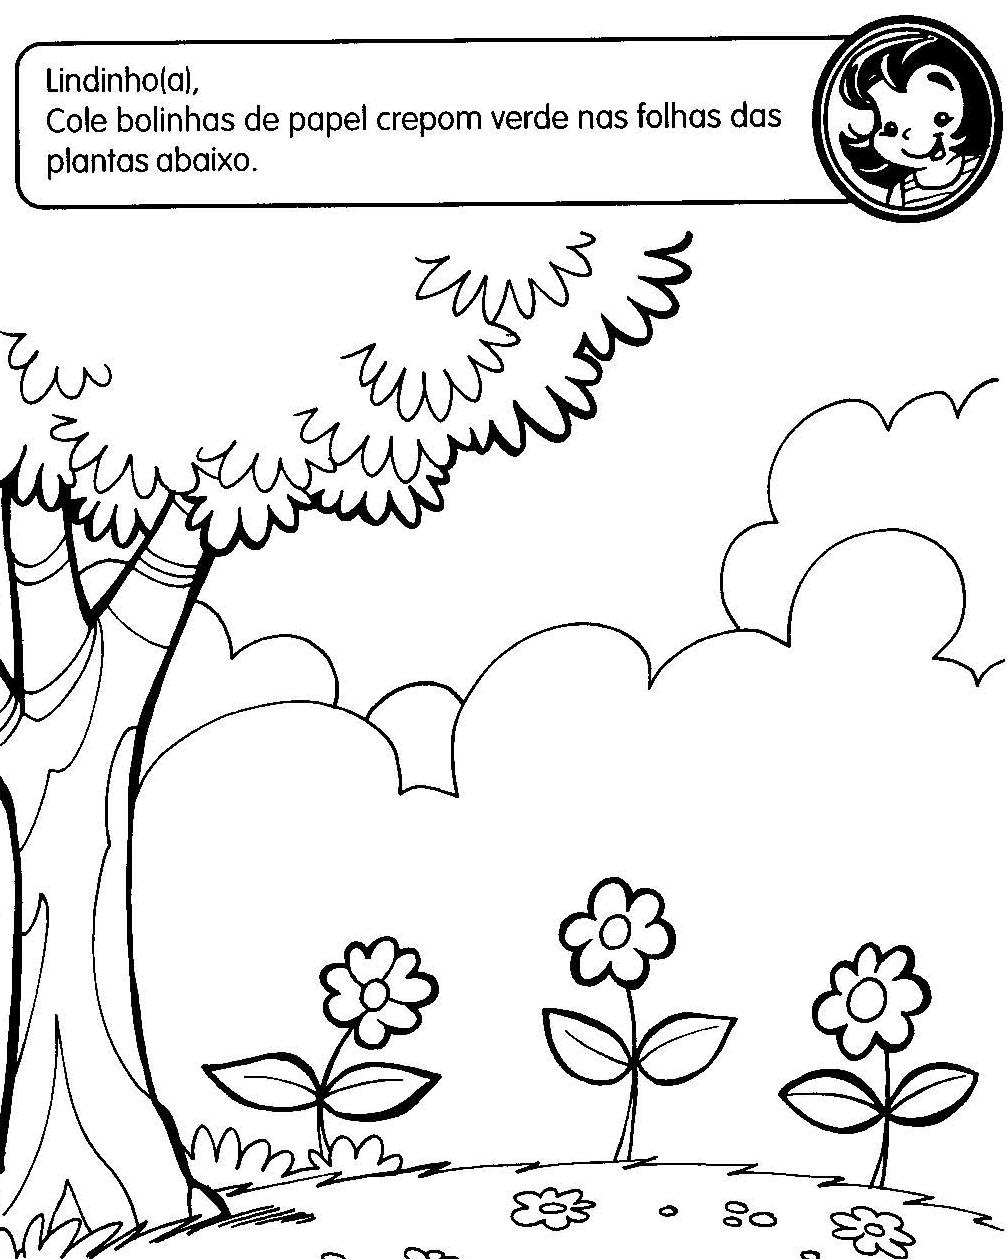 Favoritos Nosso Espaço da Educação: Maternal - Semana do meio ambiente  JD46